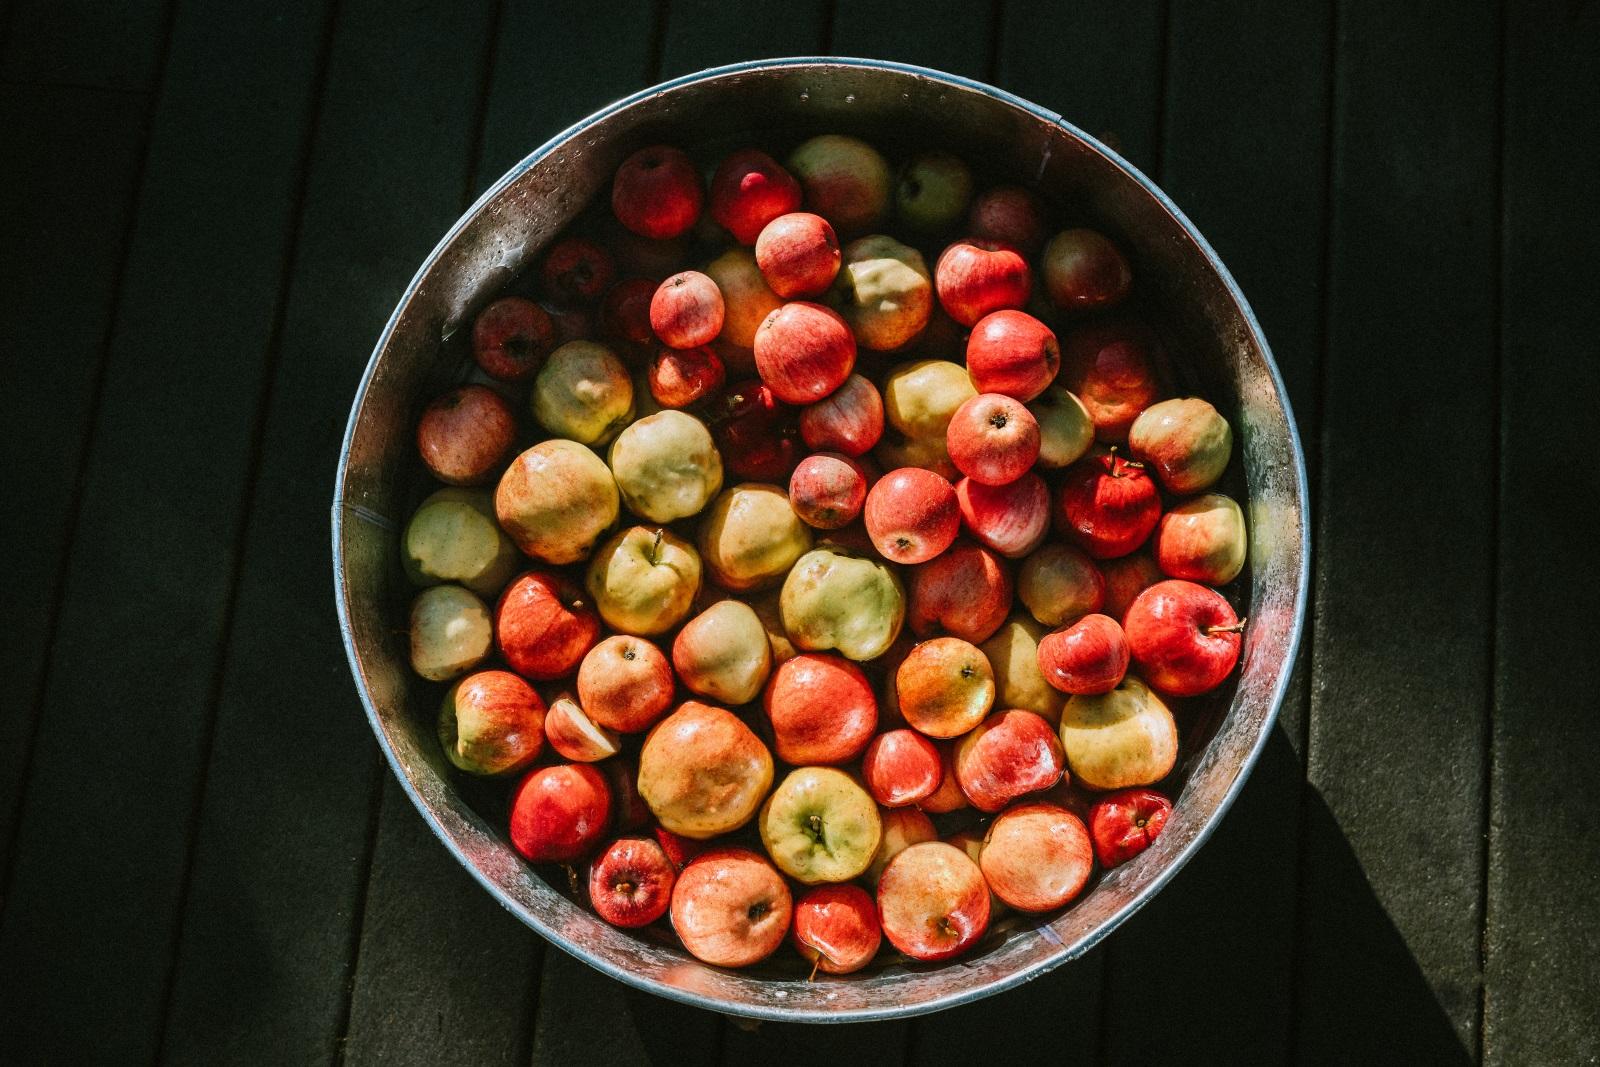 <p>Ябълките съдържат мощни антиоксиданти. Въпреки че повечето плодове и зеленчуци съдържат антиоксиданти, в ябълките се среща един от най-мощните антиоксиданти &ndash; кверцетин, който стимулира силно имунната система и може да предотврати различни видове болести. Можете да изядете дневната си ябълка за закуска сутрин или пък да я изпиете под формата на прясно изцеден сок.</p>